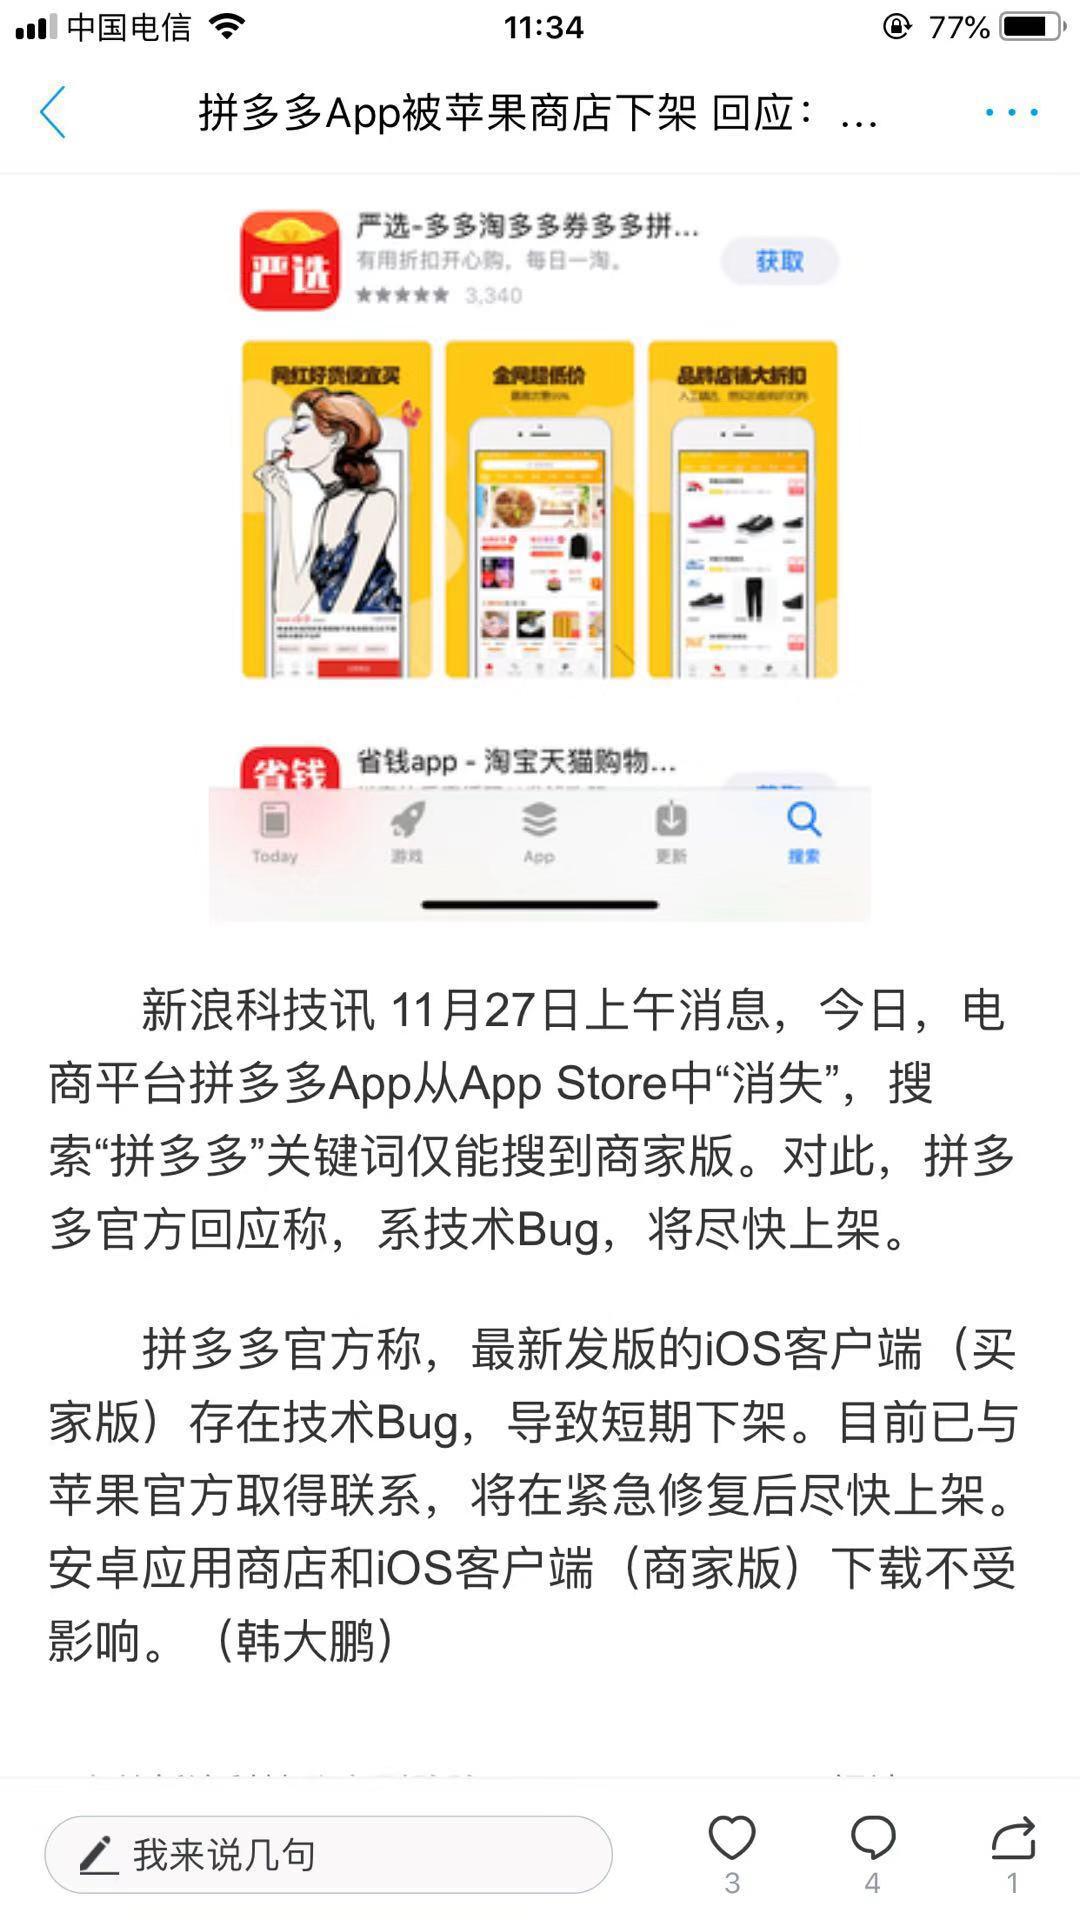 鸟哥笔记,ASO,徐海蓉,应用商店,推广,推广,苹果